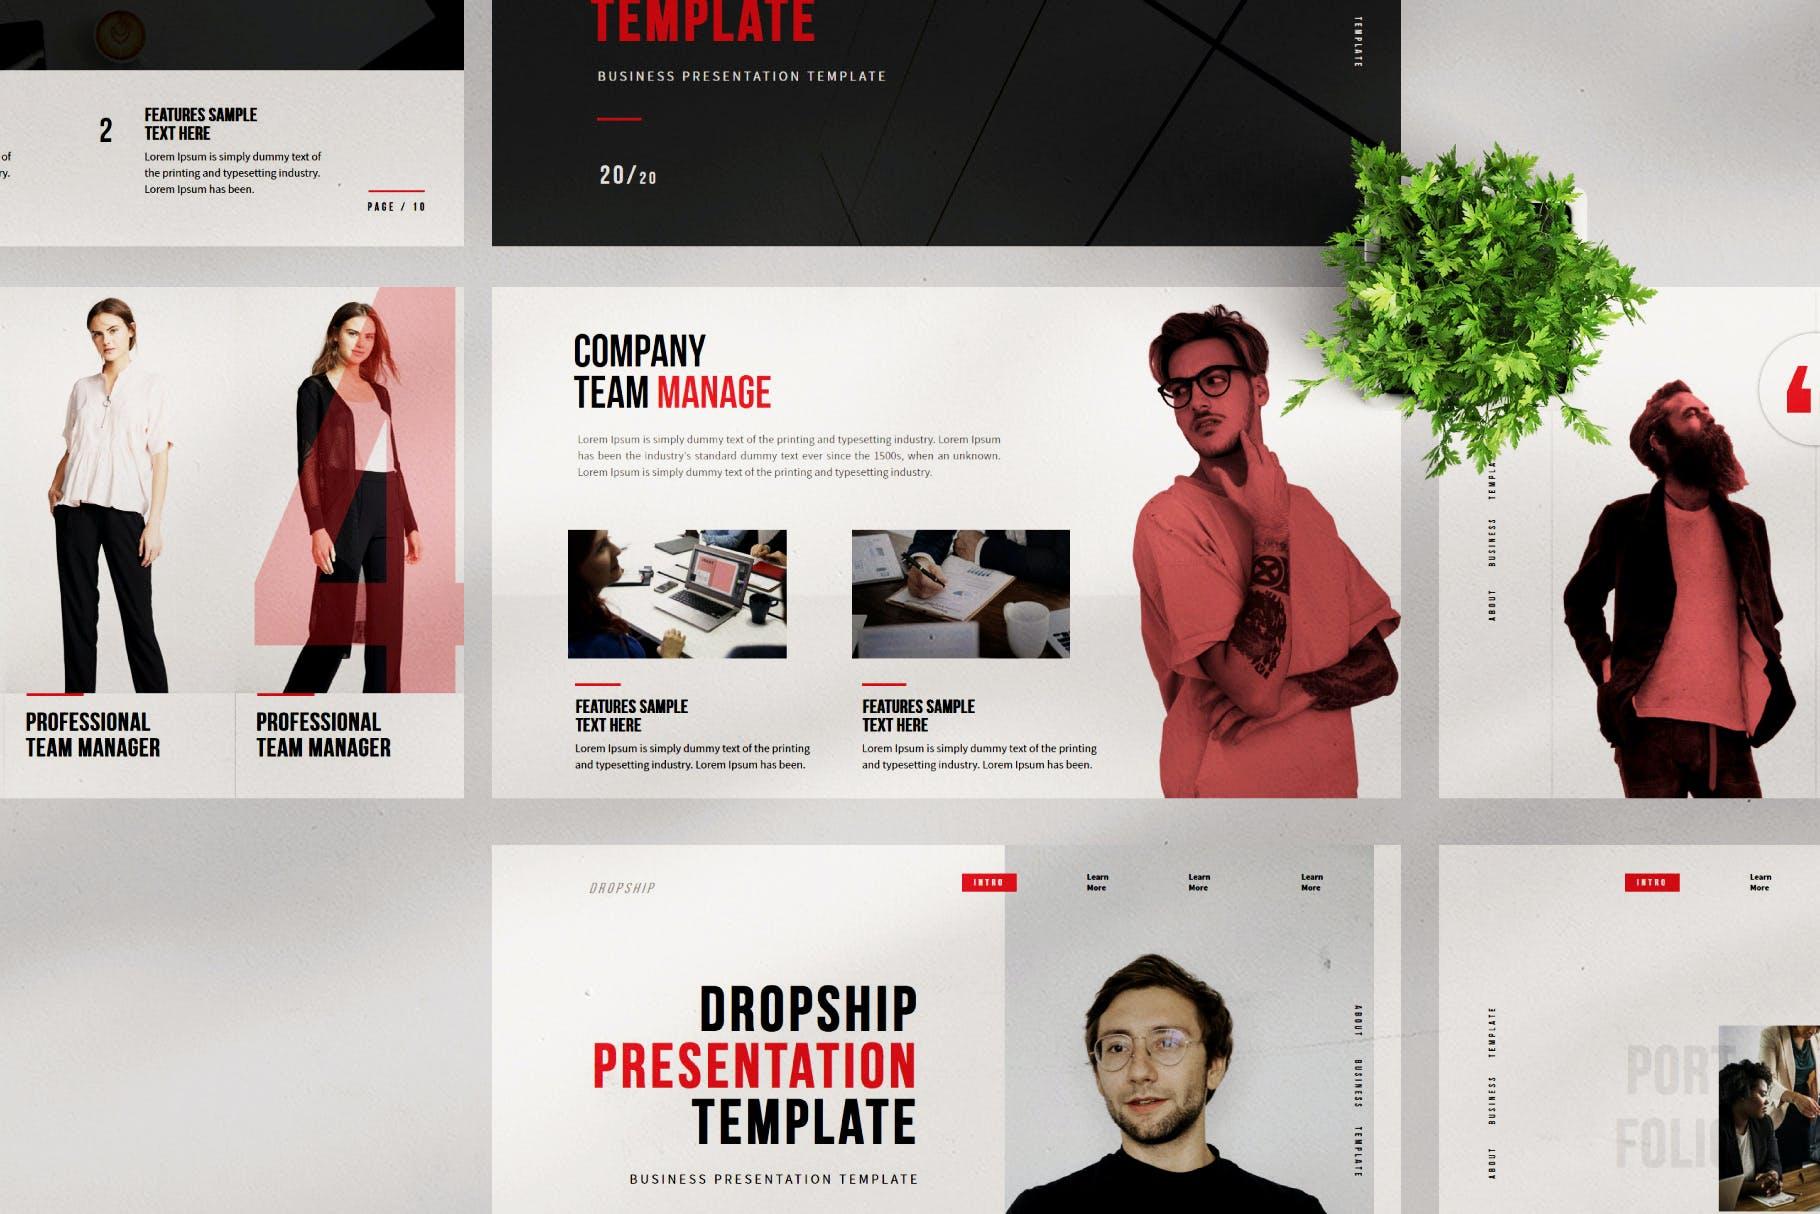 简约服装摄影作品集演示文稿设计模板 Dropship – Powerpoint Template插图(1)